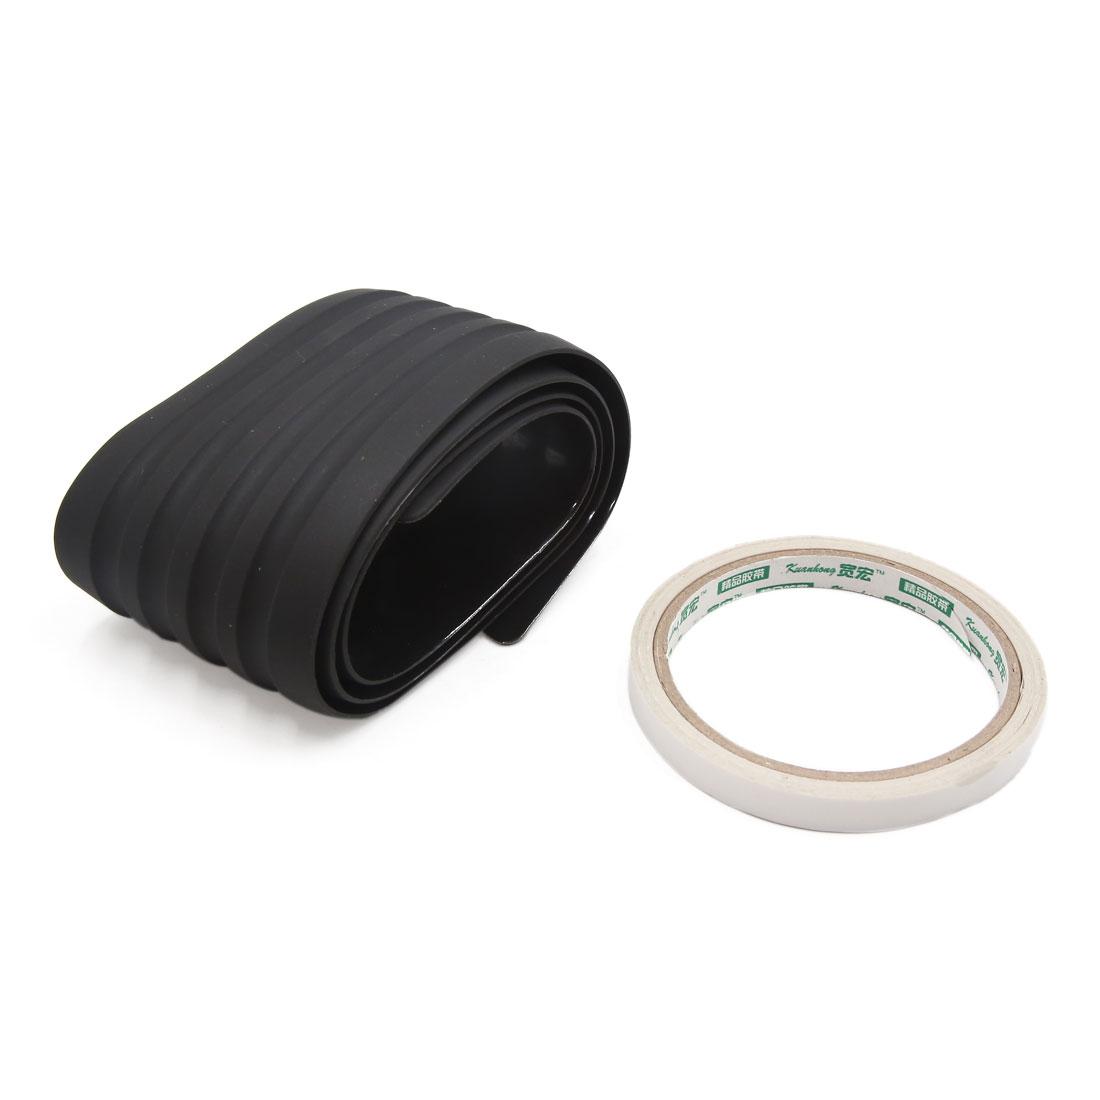 91cm Black Rubber Automobile Car Rear Bumper Edge Guard Protective Strip